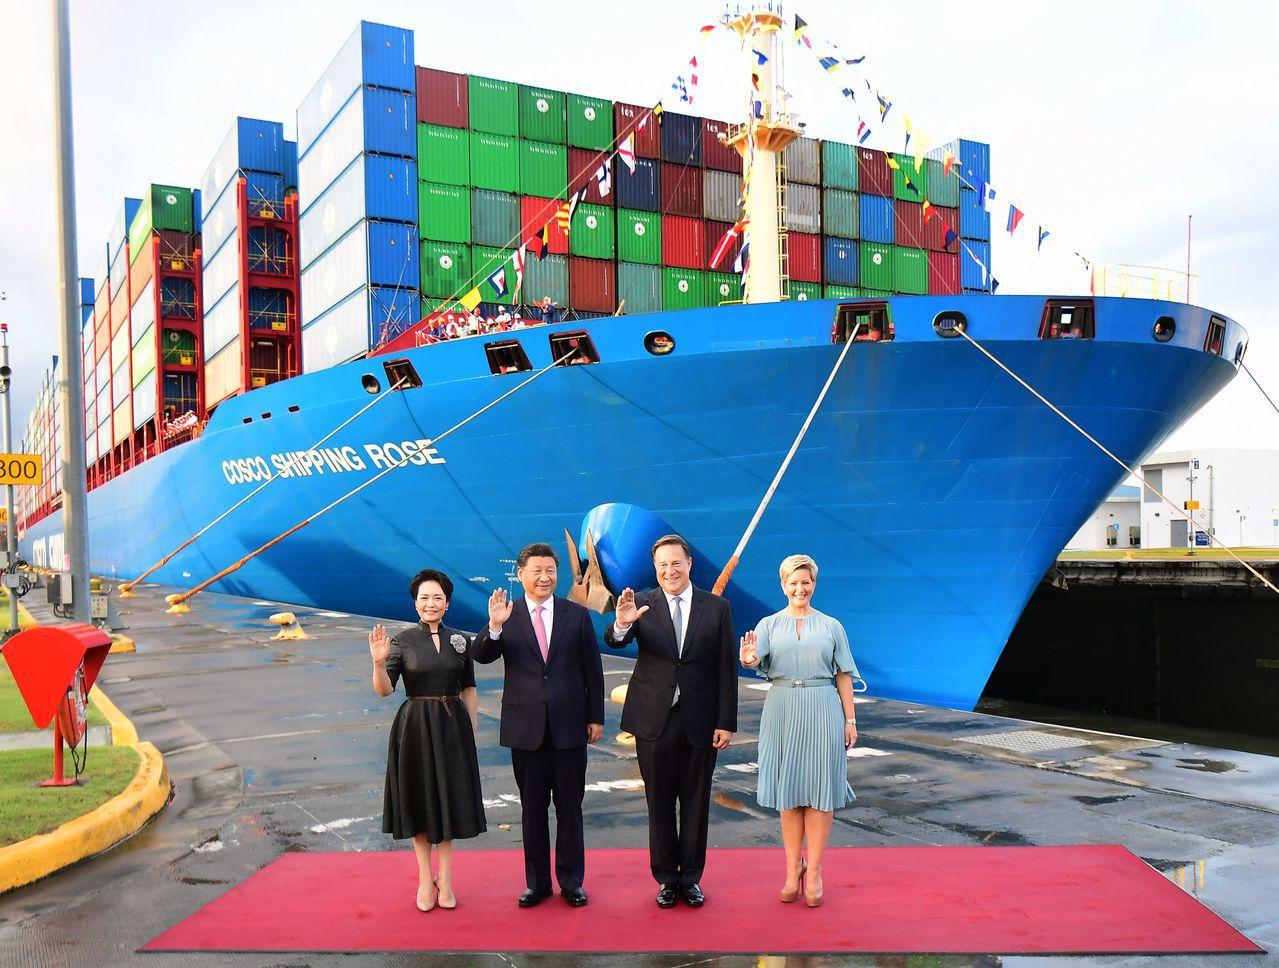 大陸國家主席習近平與巴拿馬總統巴雷拉共同參觀巴拿馬運河新船閘,背景是中國遠洋海運...